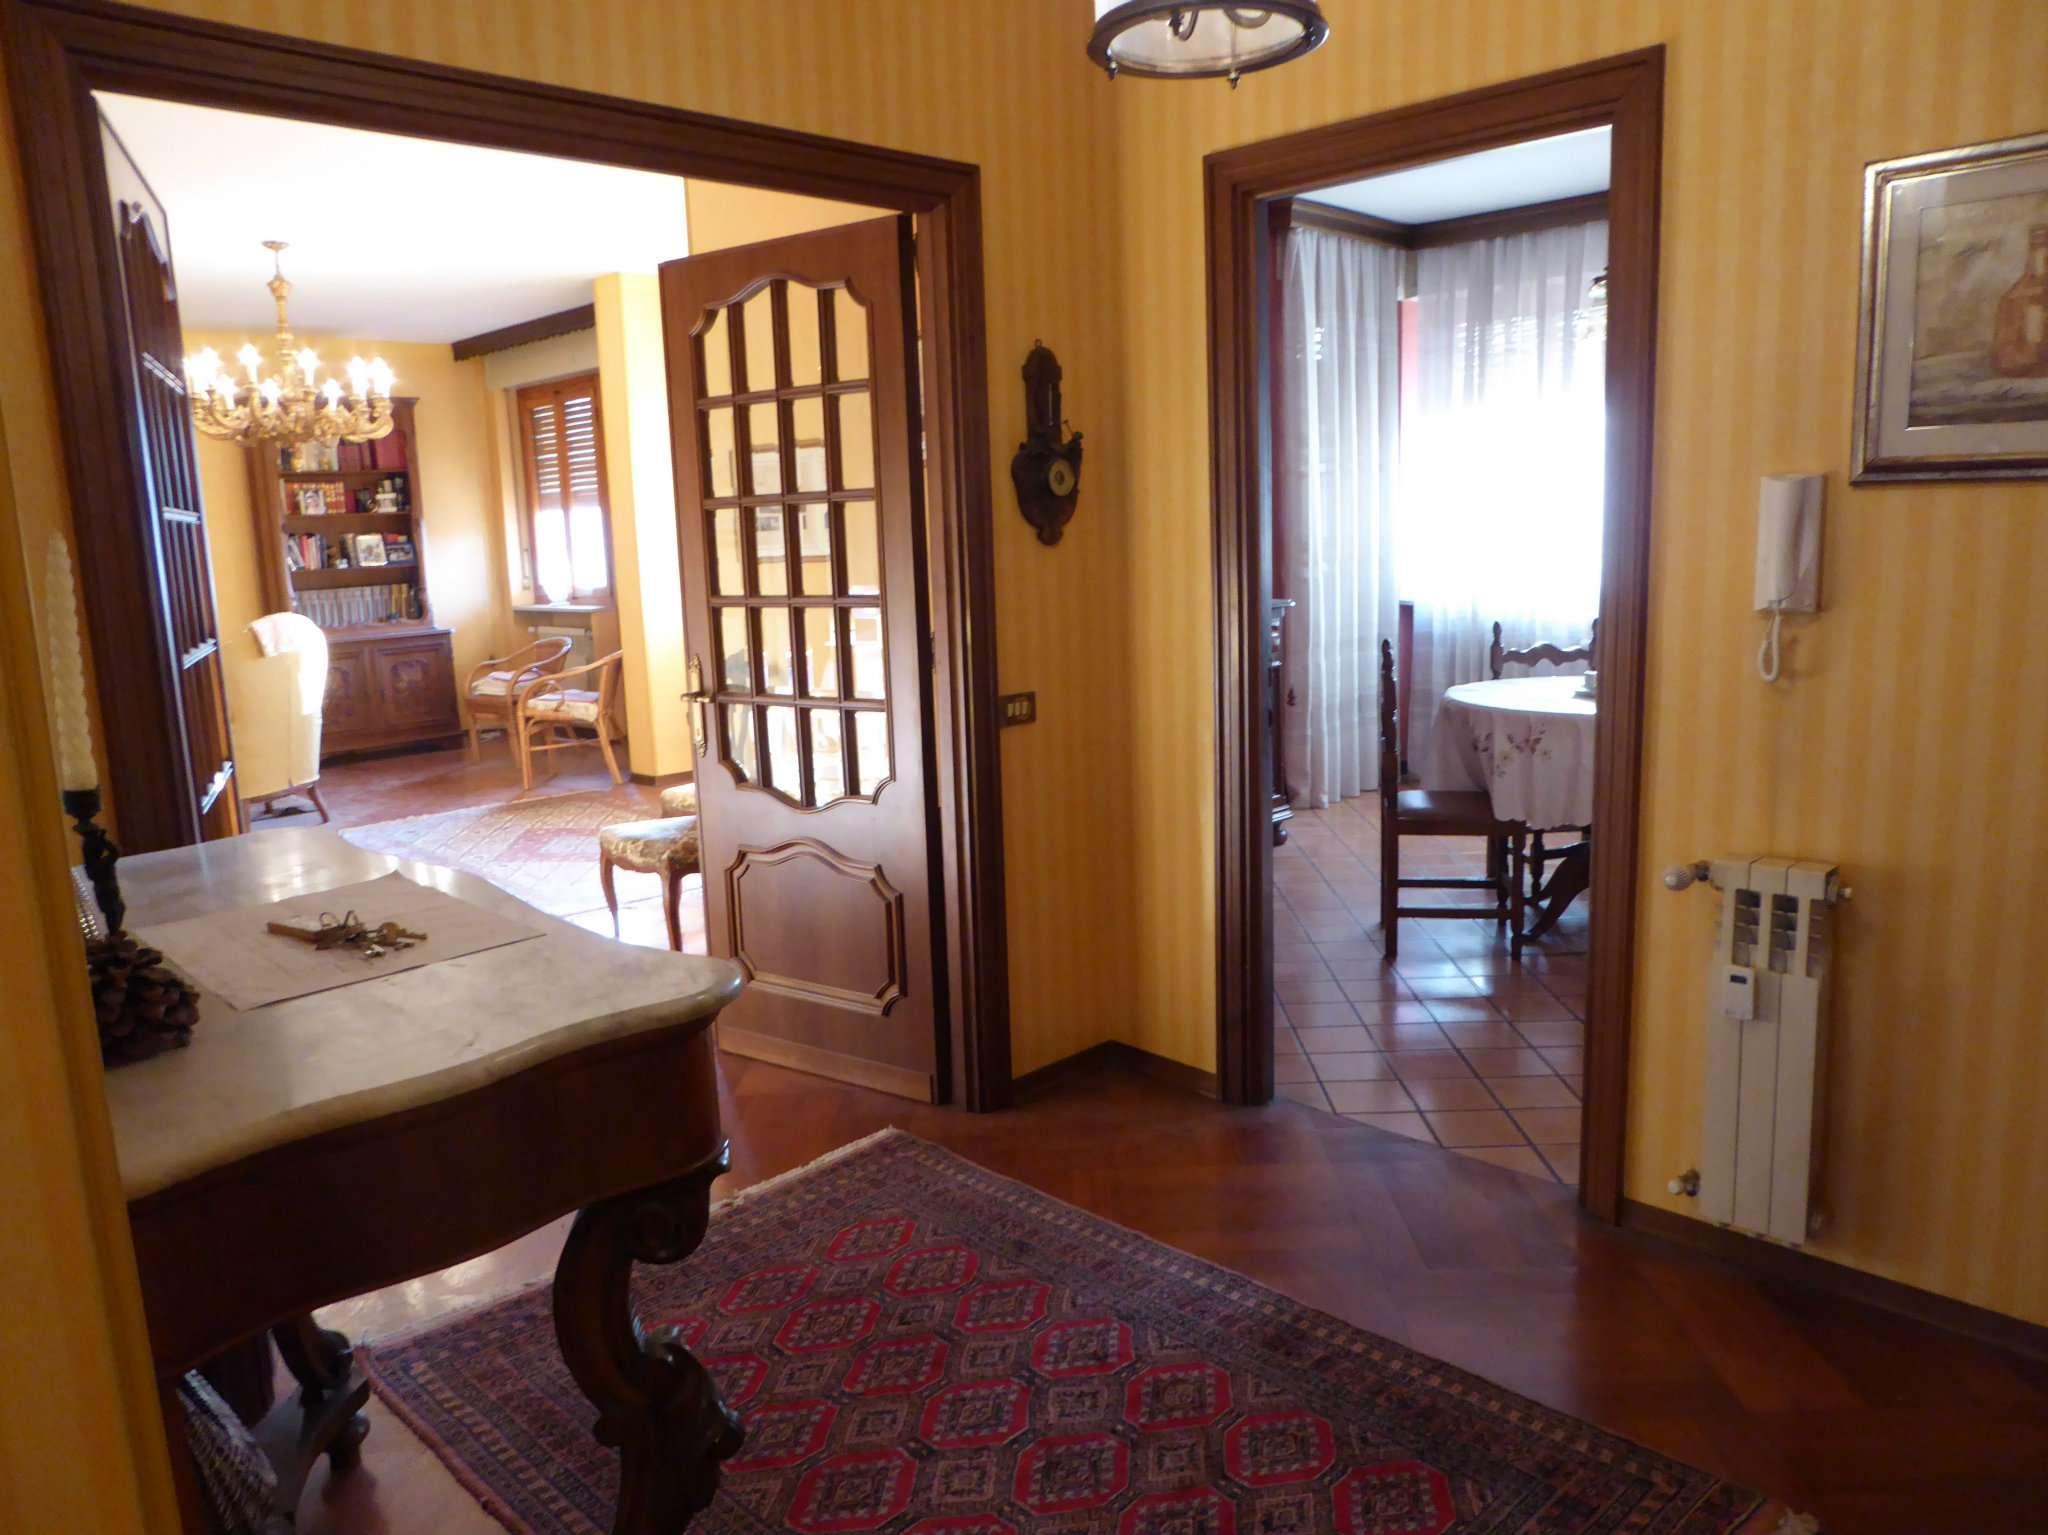 Appartamento ristrutturato parzialmente arredato in vendita Rif. 6111495